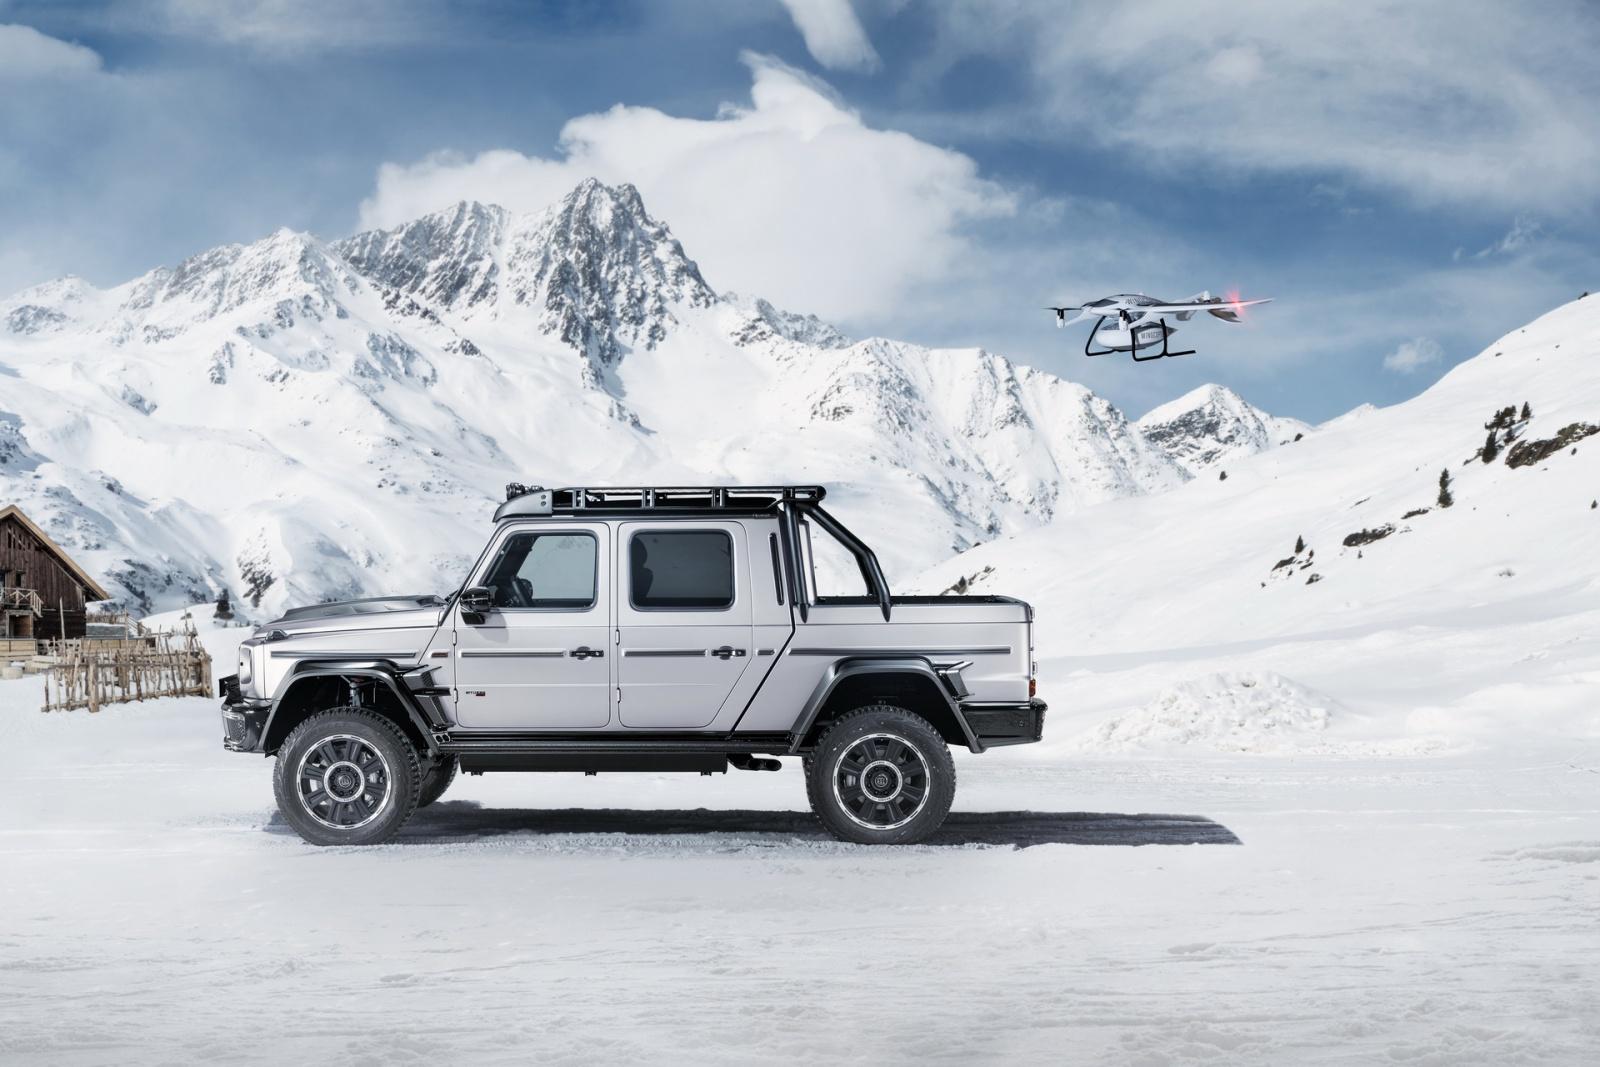 Название: Brabus-800-Adventure-XLP-03.jpg Просмотров: 624  Размер: 411.0 Кб